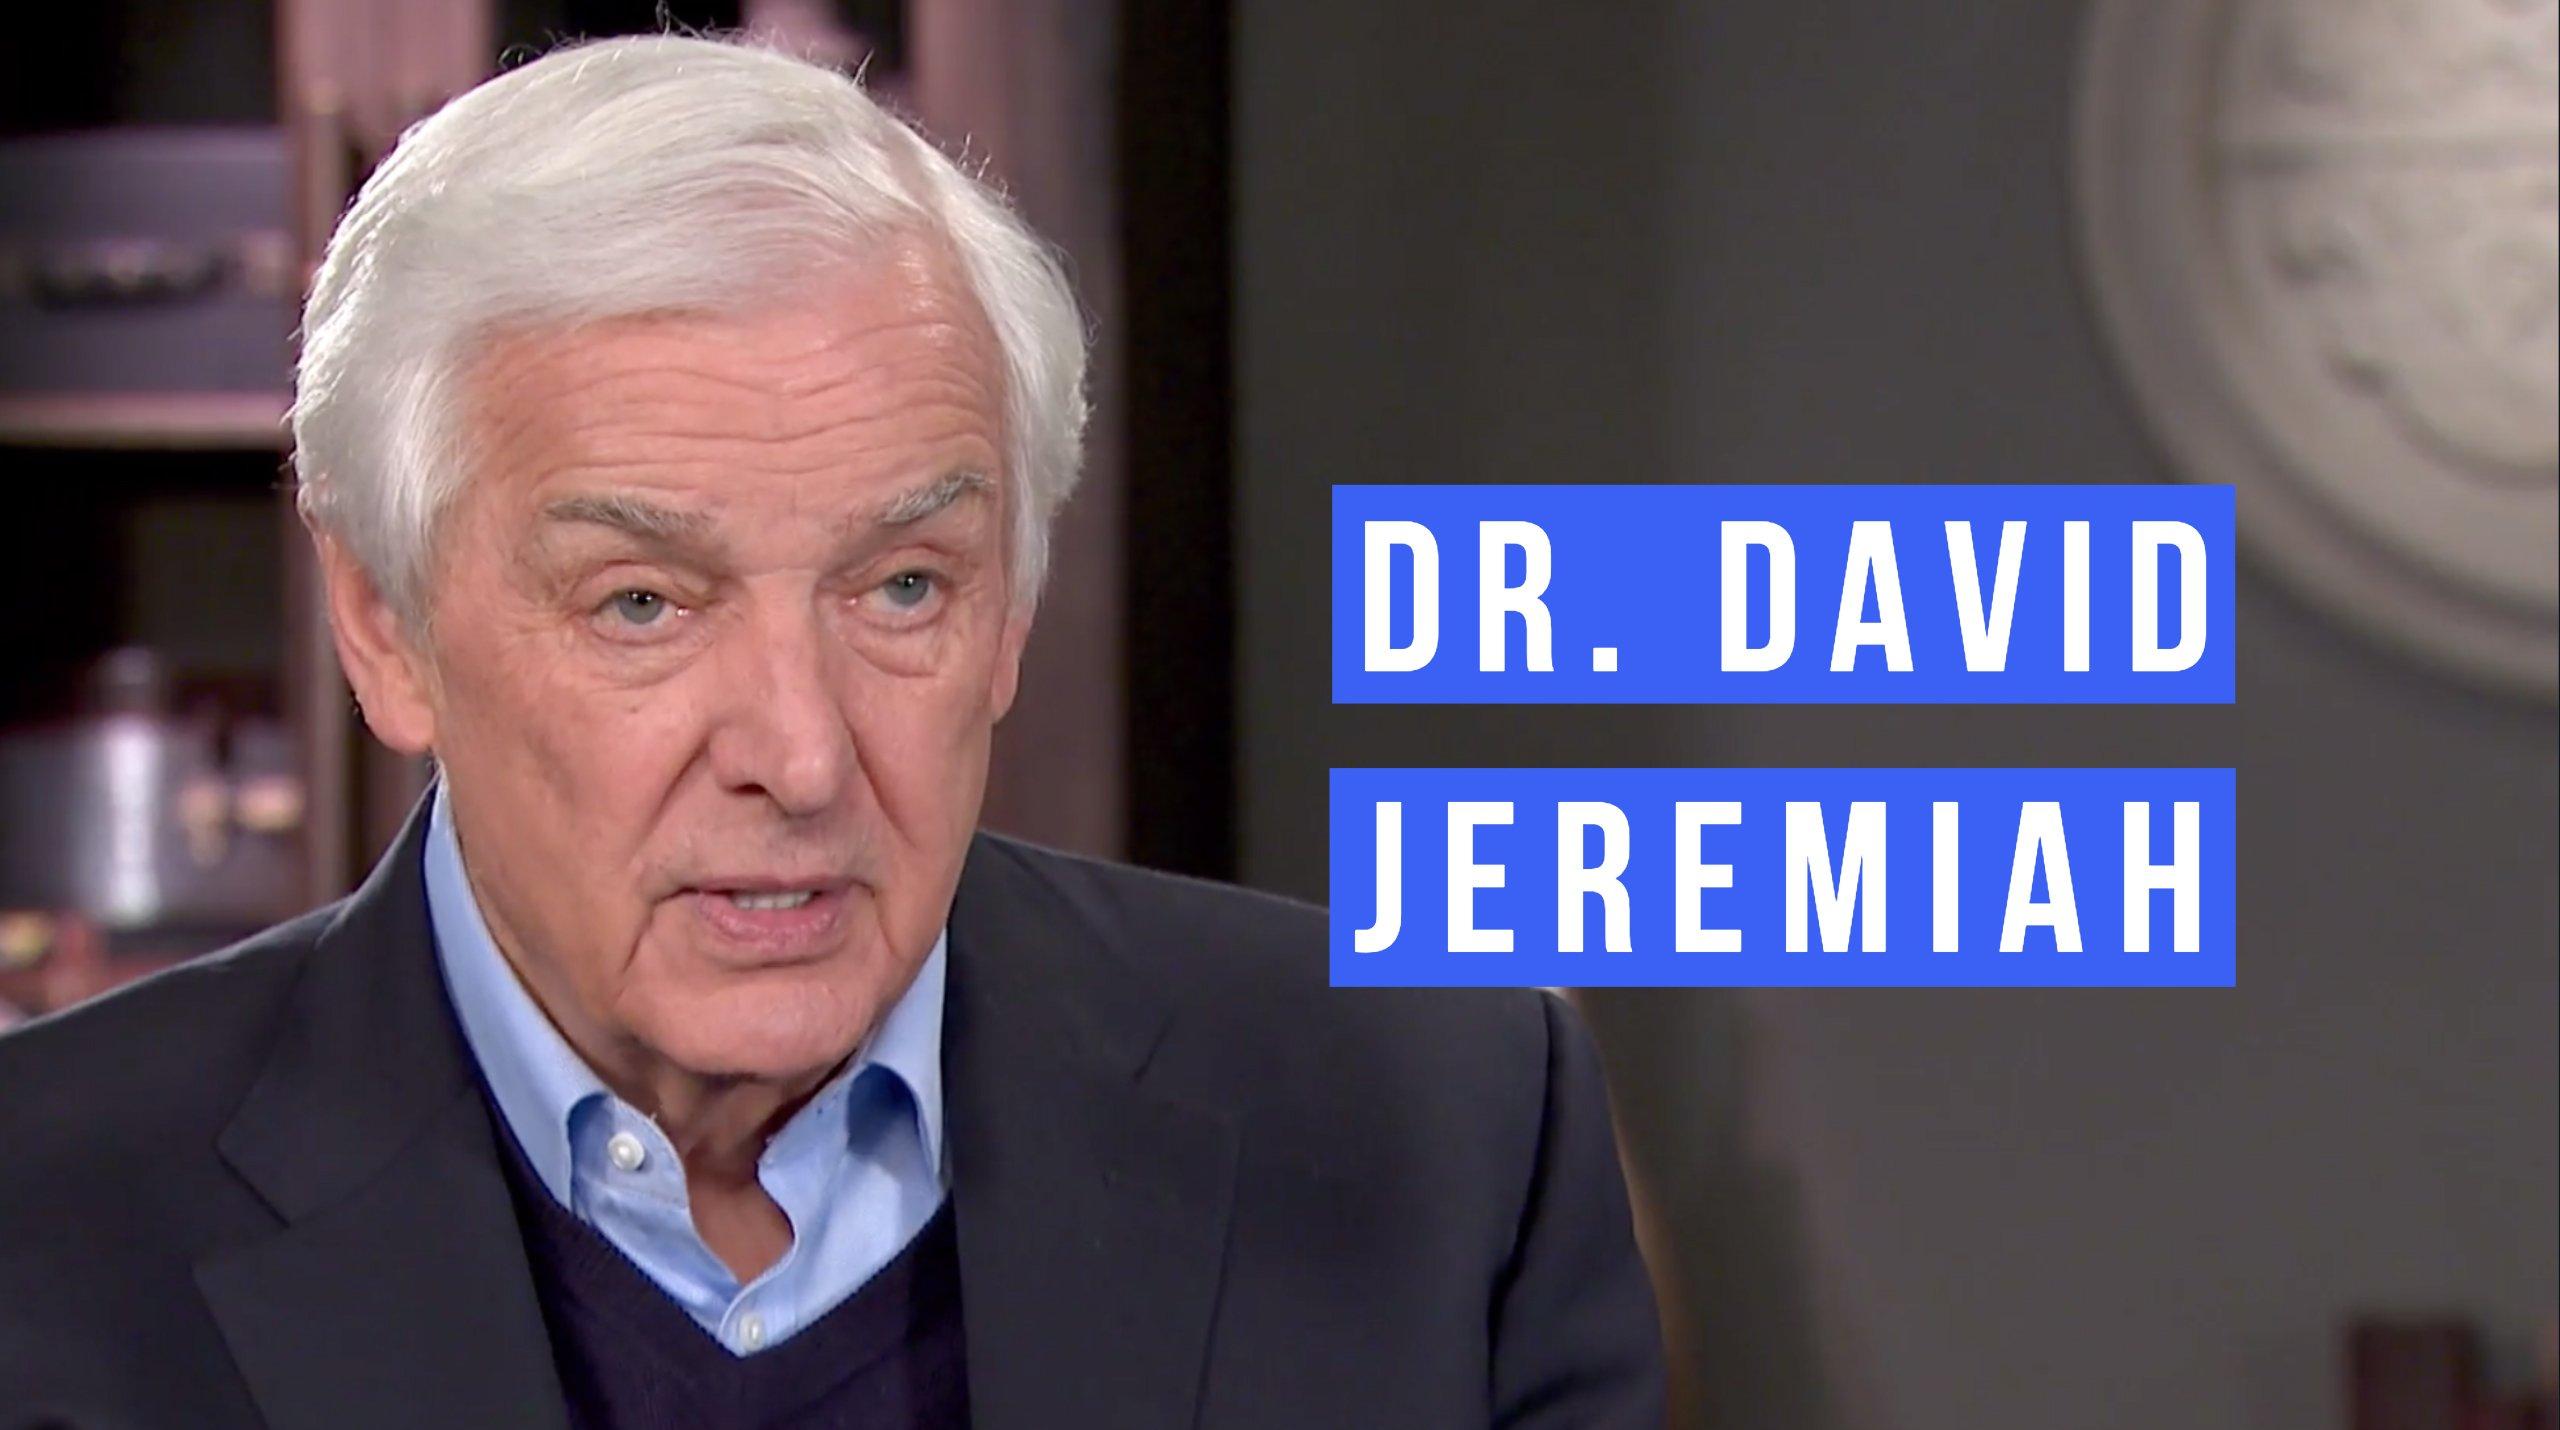 VS cover photo - Dr. David Jeremiah